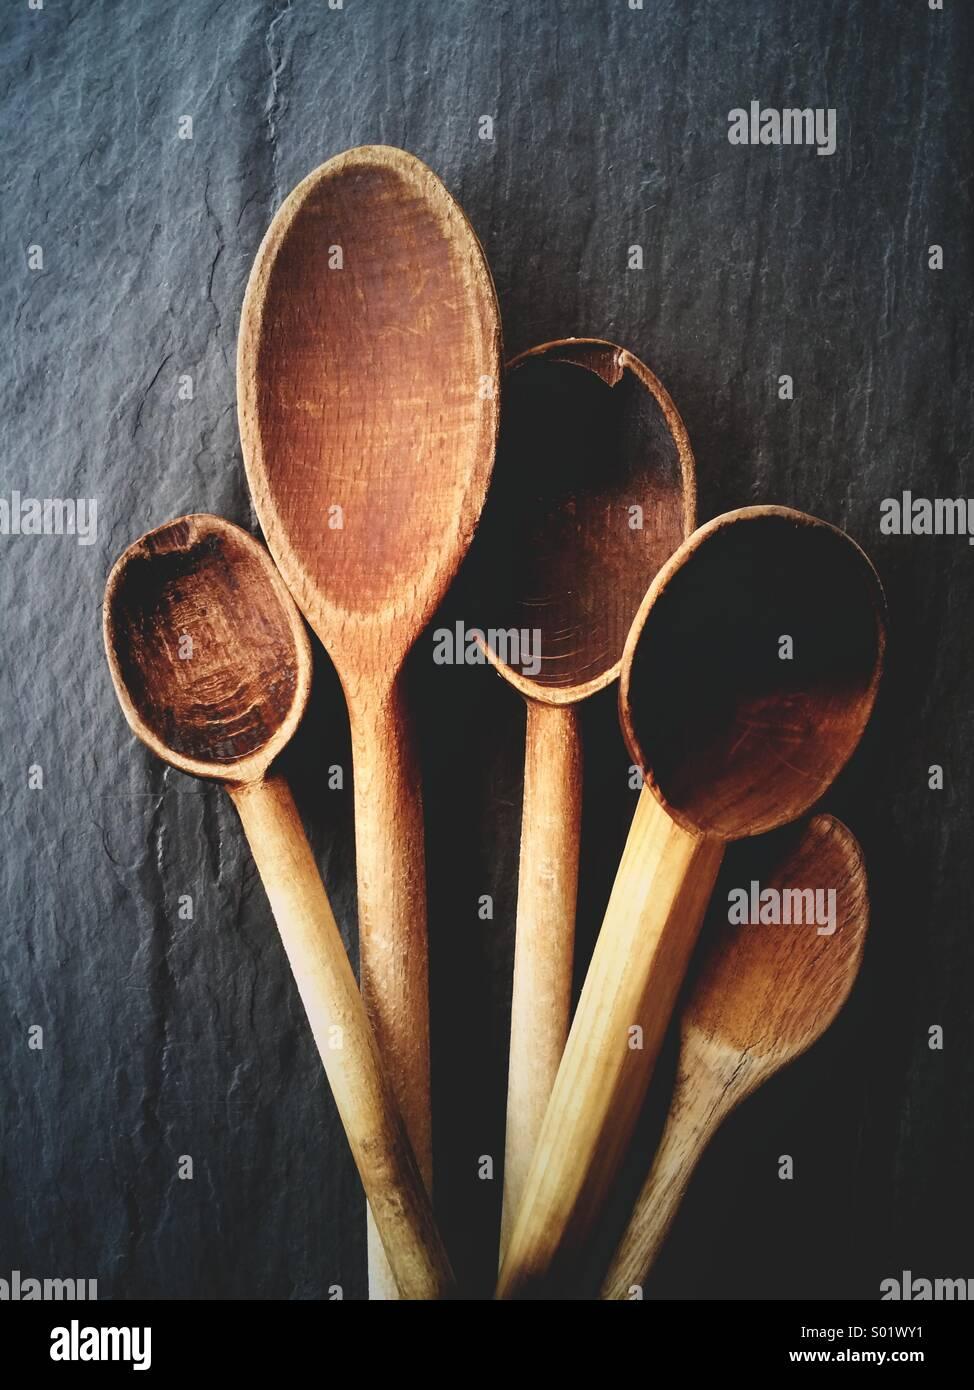 Belle vieille cuillères en bois pour la cuisine sur un fond d'ardoise. Photo Stock